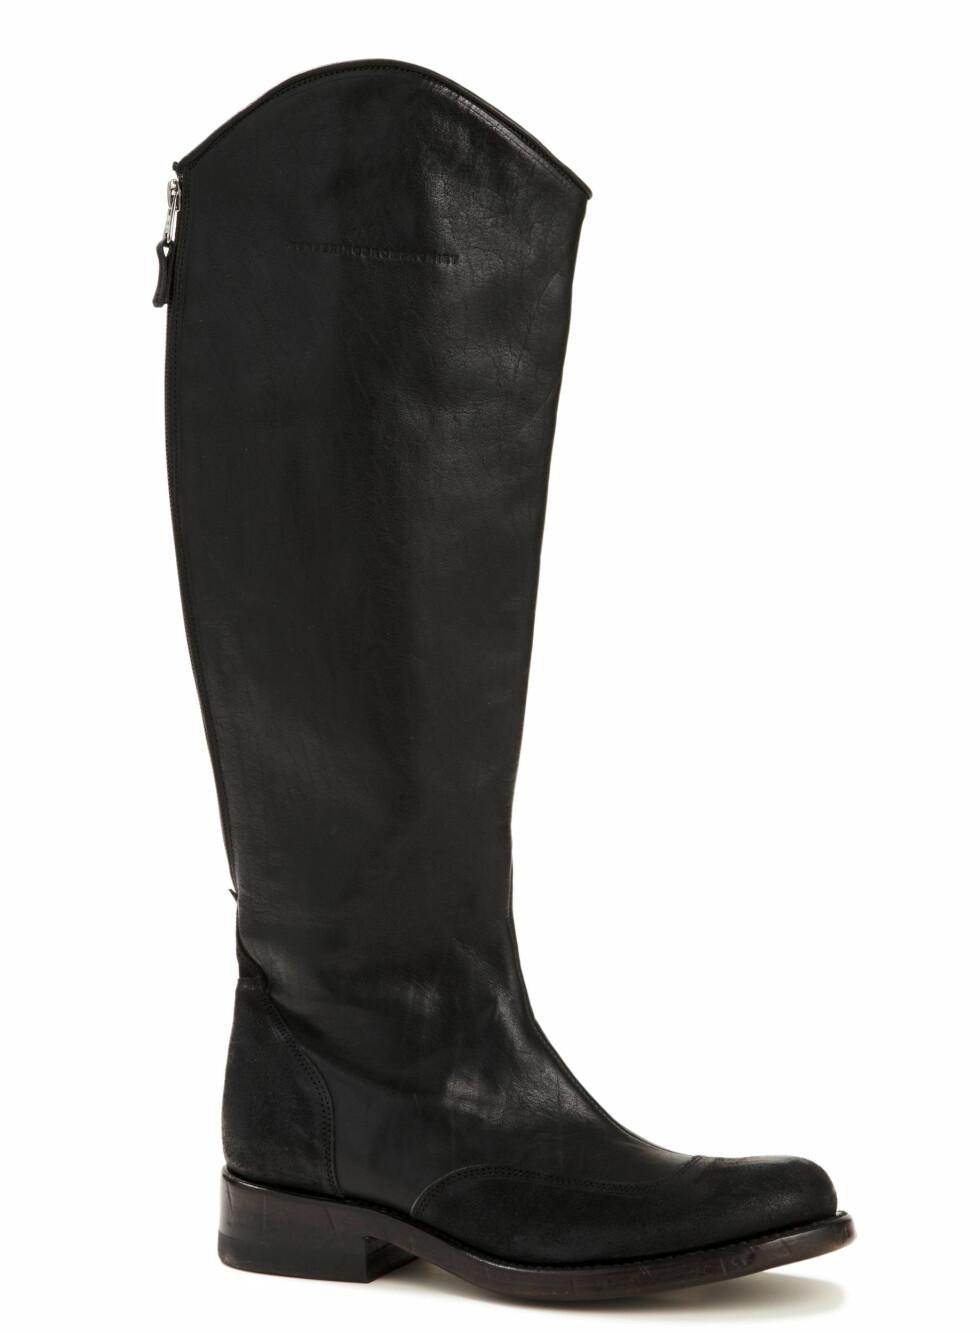 36 skoguide højskaftet_CSS Femina moteserie Skoguide sko Christine Sonne-Schmidt Modell: Vanessa